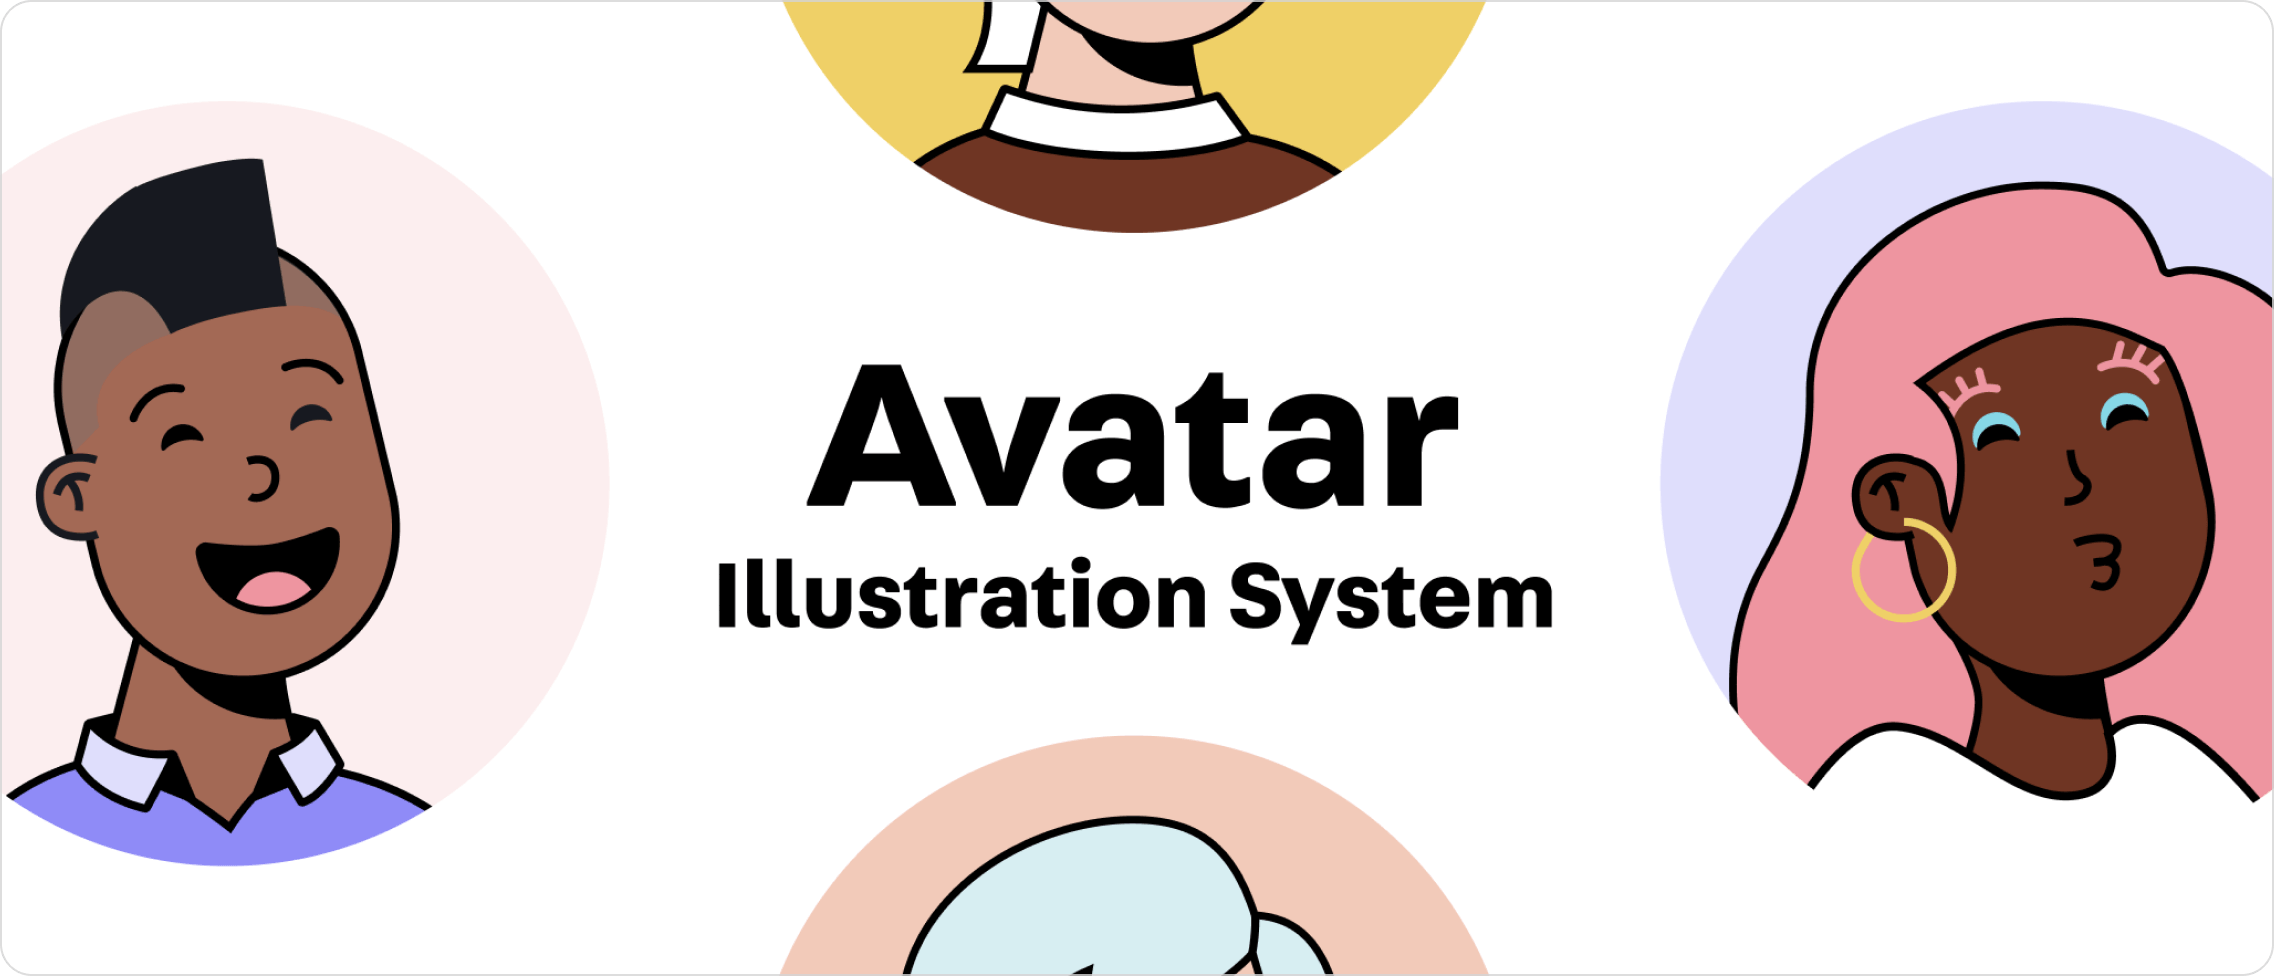 Avatar Illustration System examples.